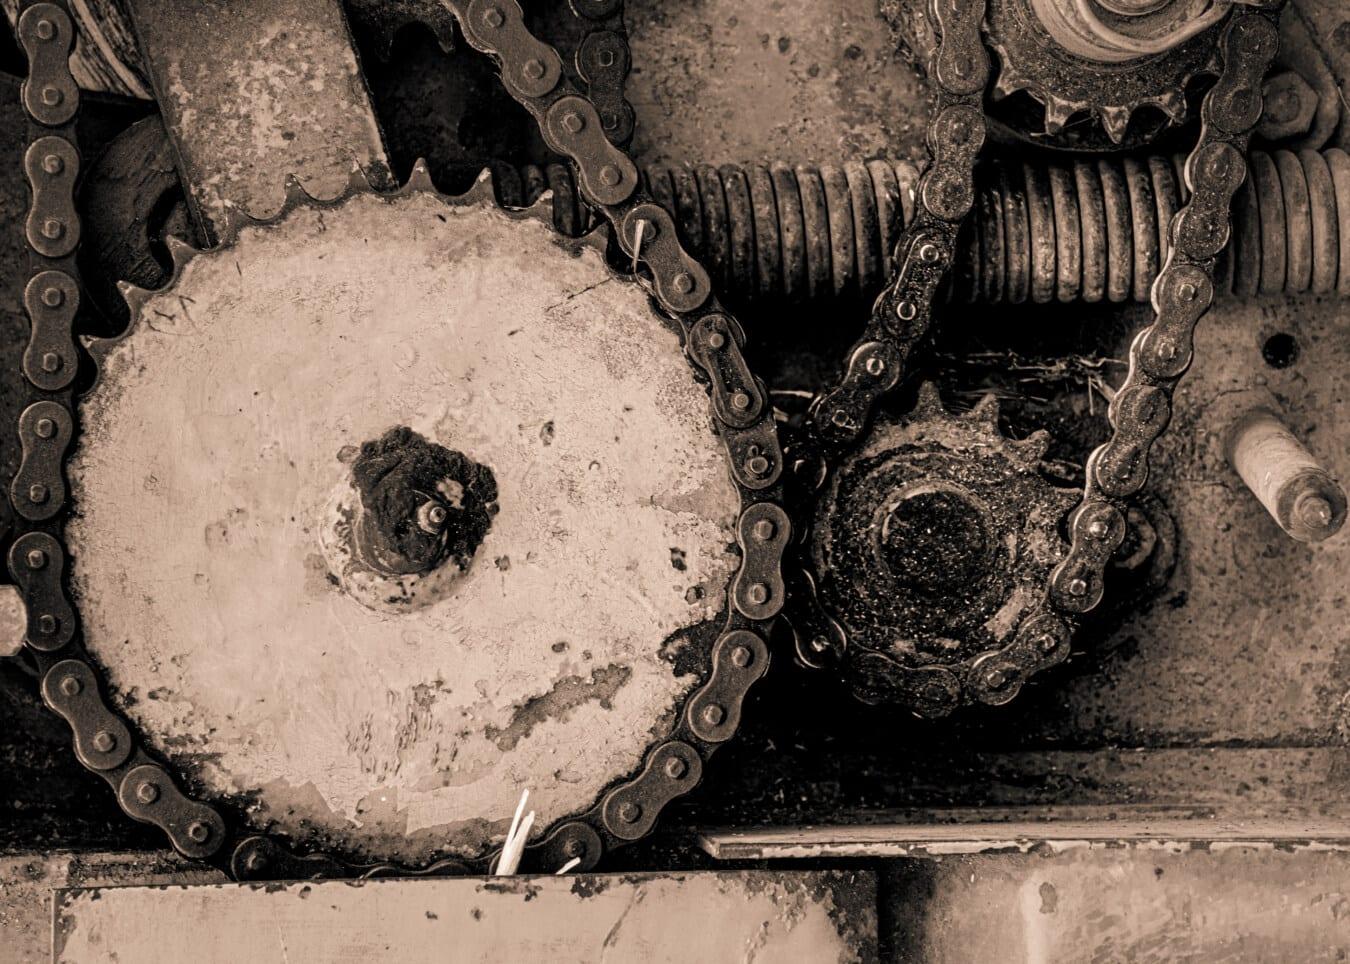 Metal gear, les équipement, metal, machines, sépia, pièces, chaîne, en acier, vieux, art